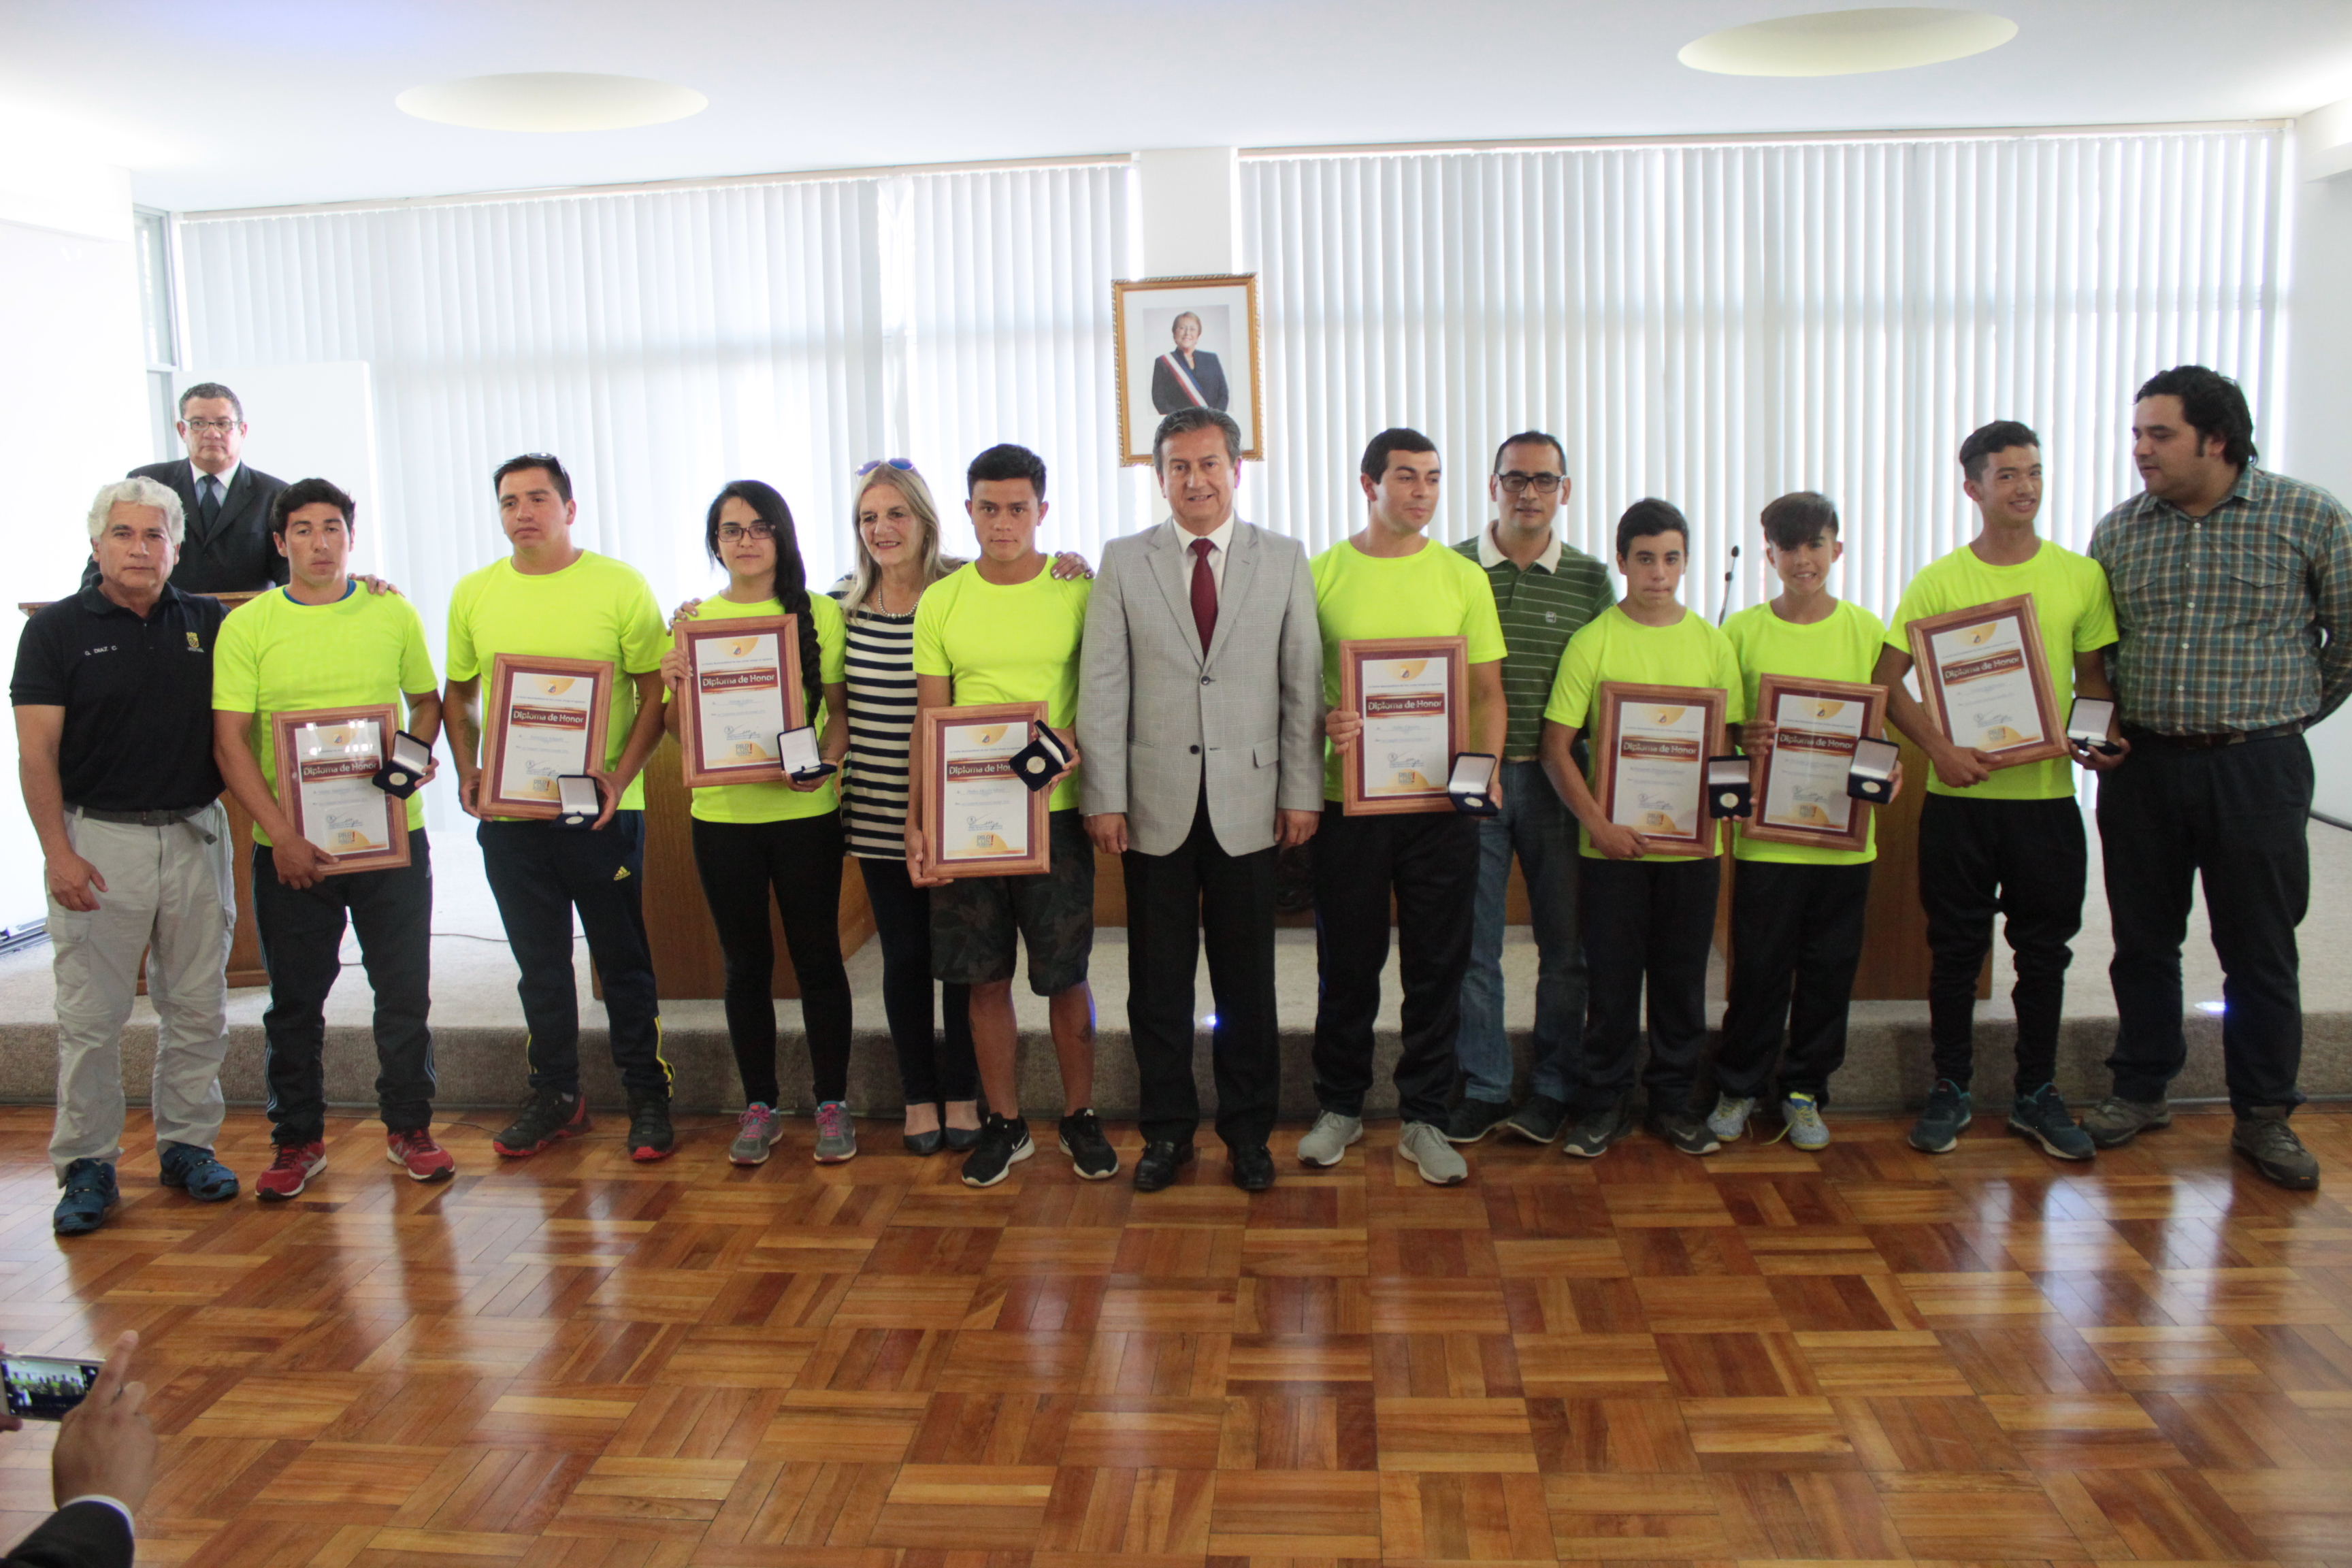 Municipalidad reconoce a los mejores deportistas sanjavierinos del 2016